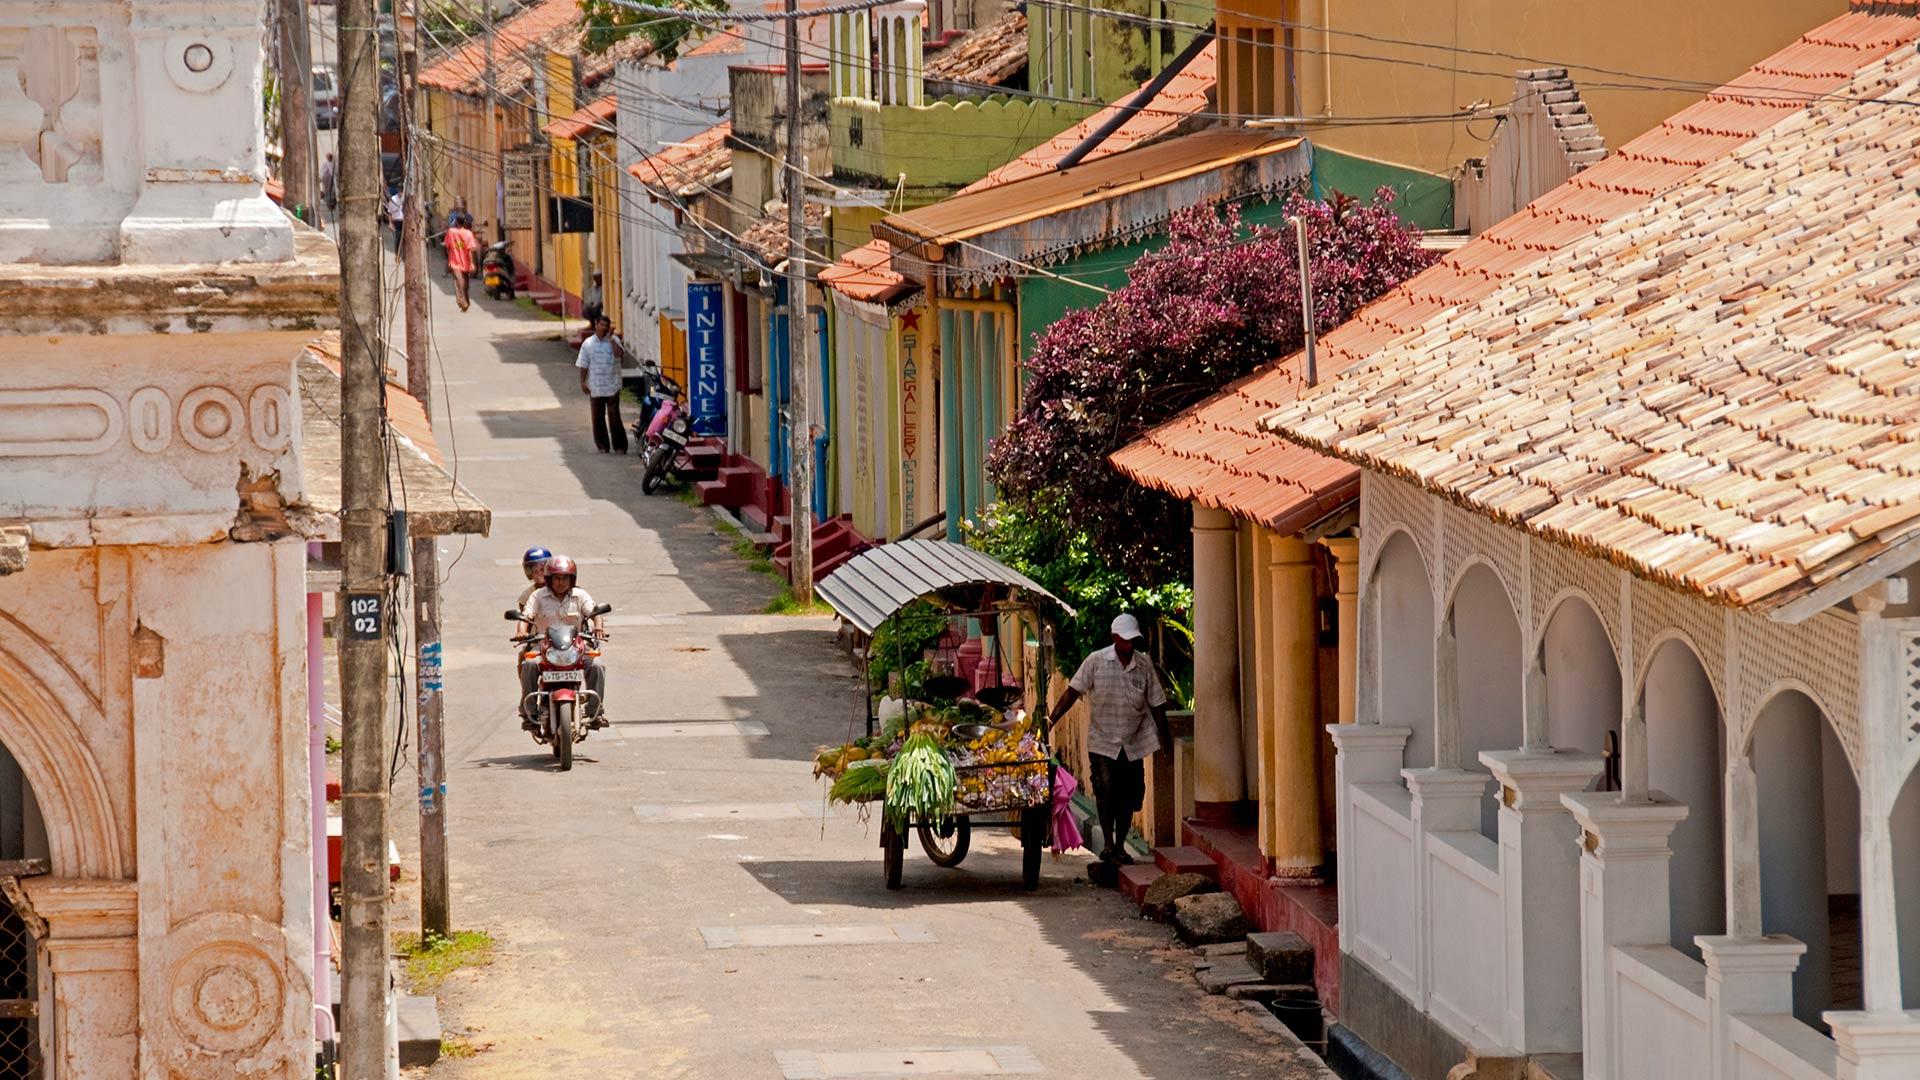 Street scene in Galle, Sri Lanka